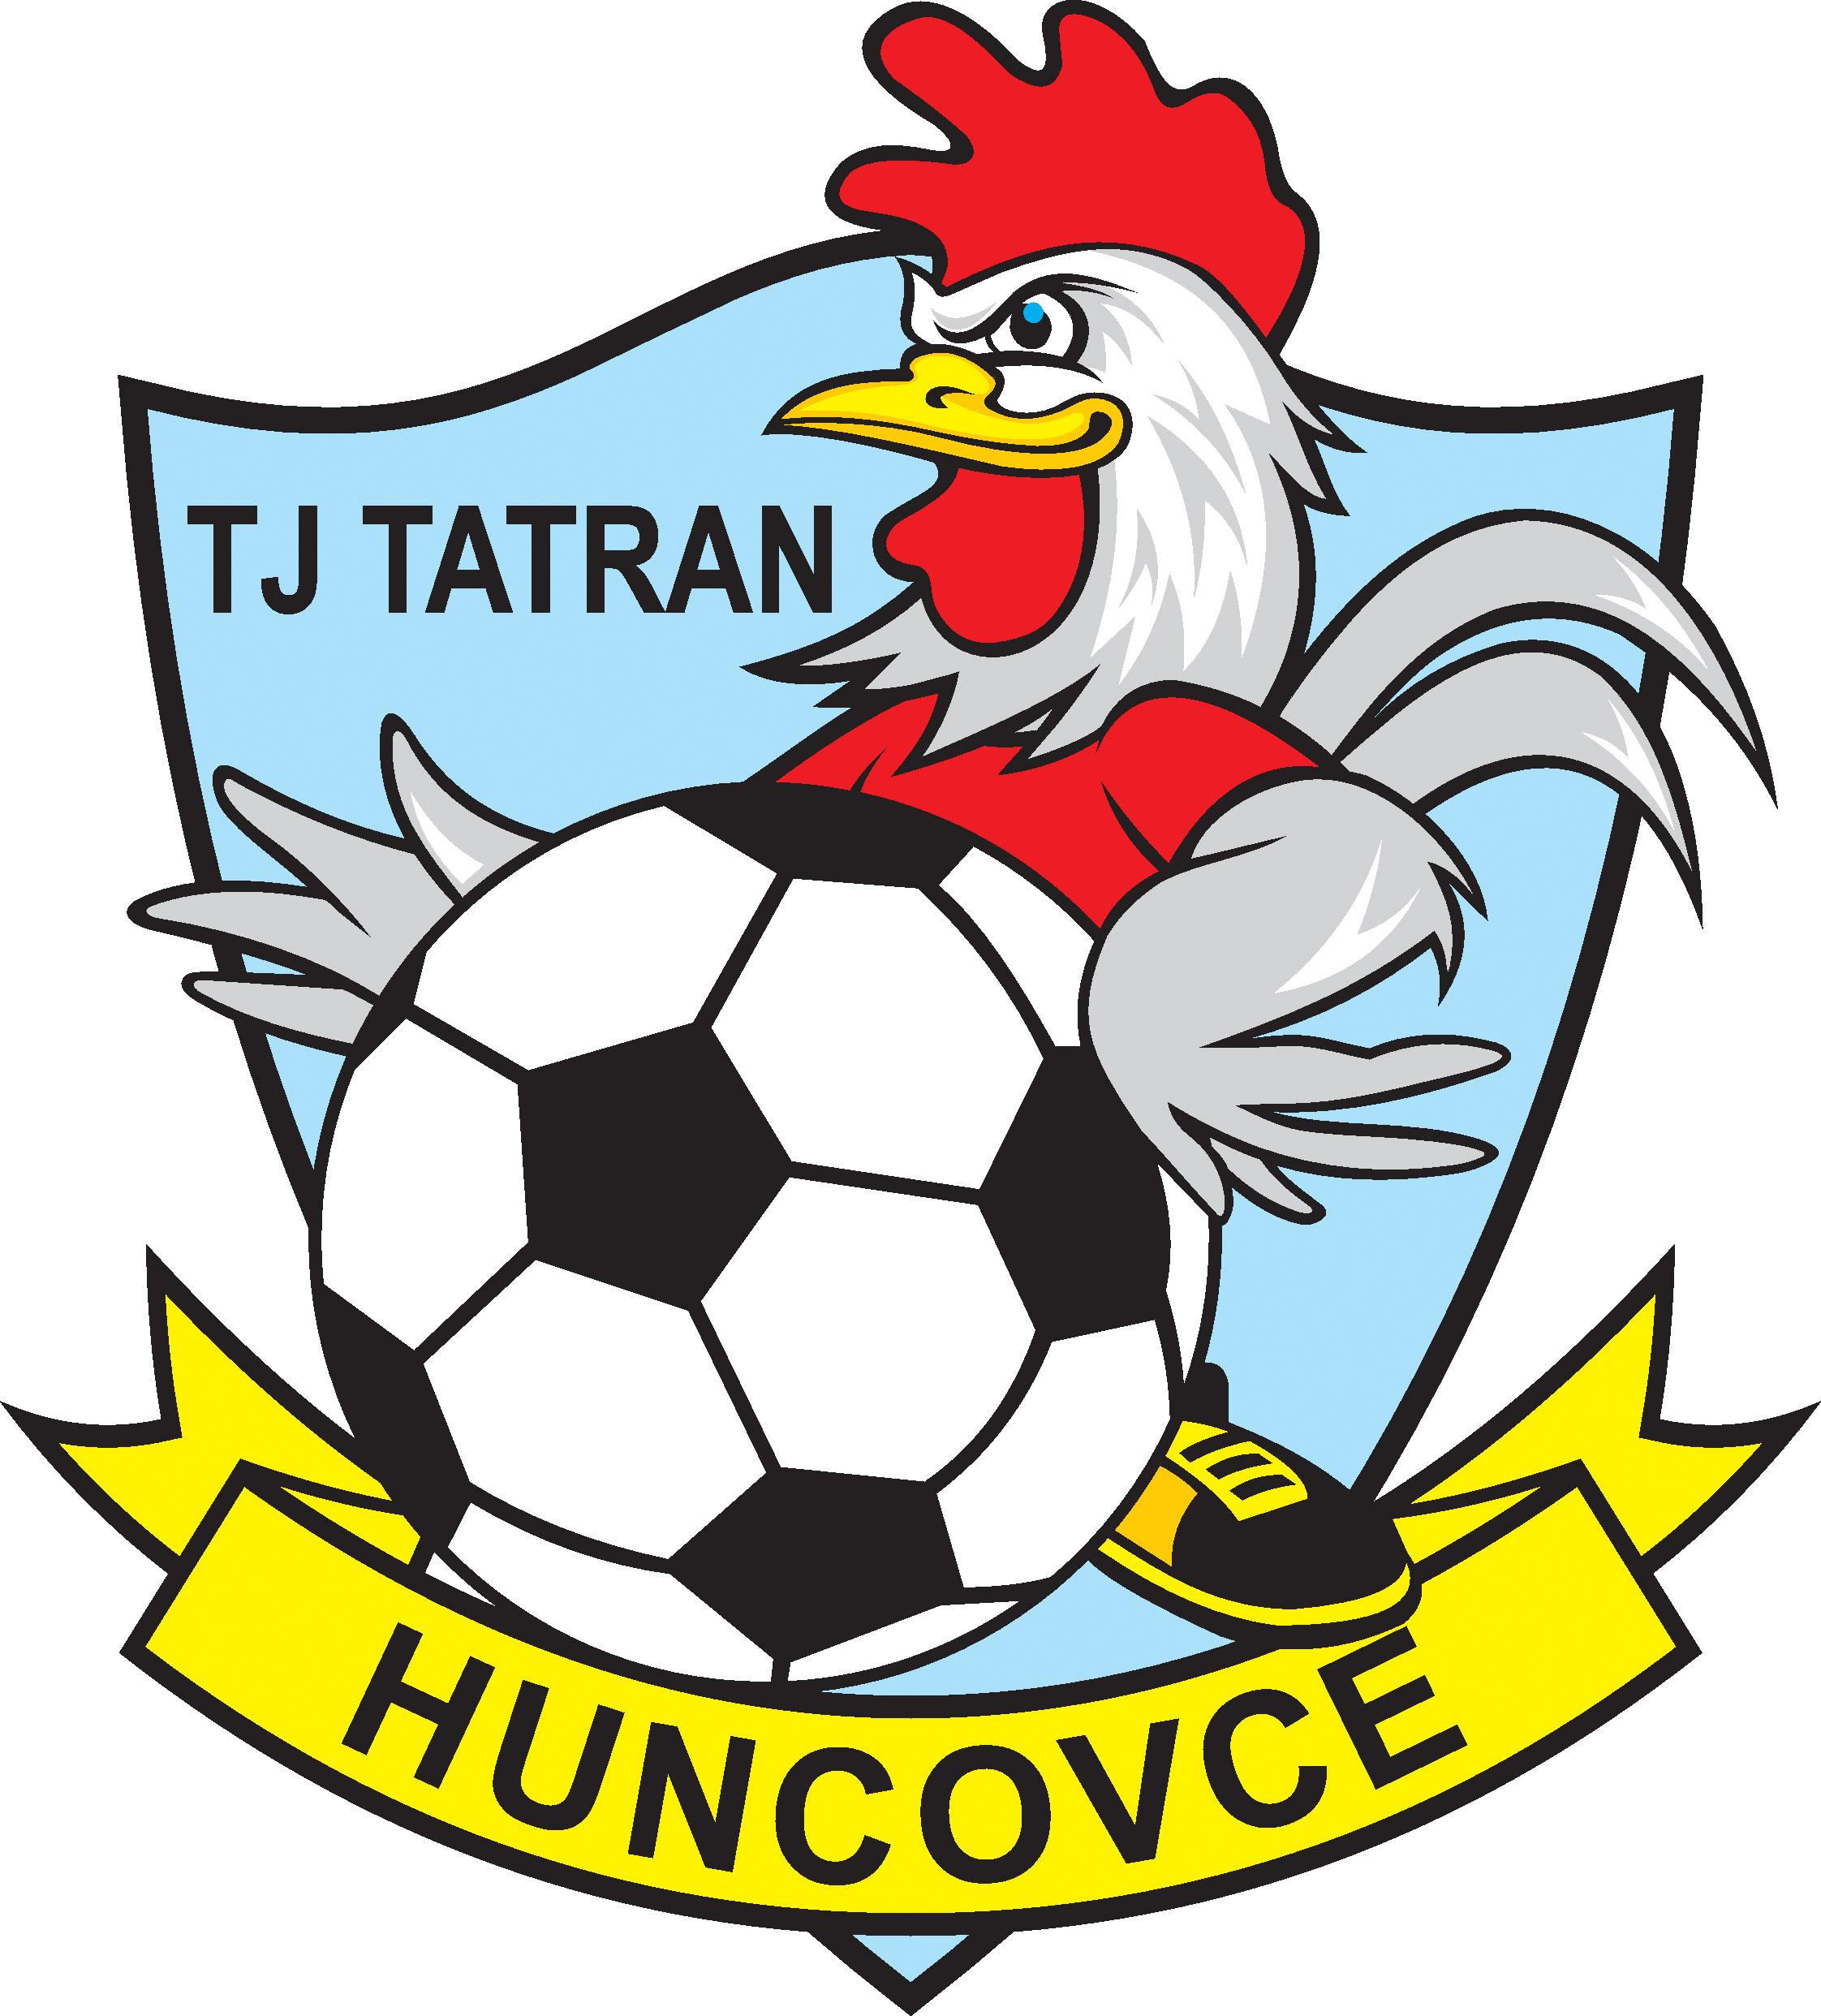 TJ Tatran Huncovce